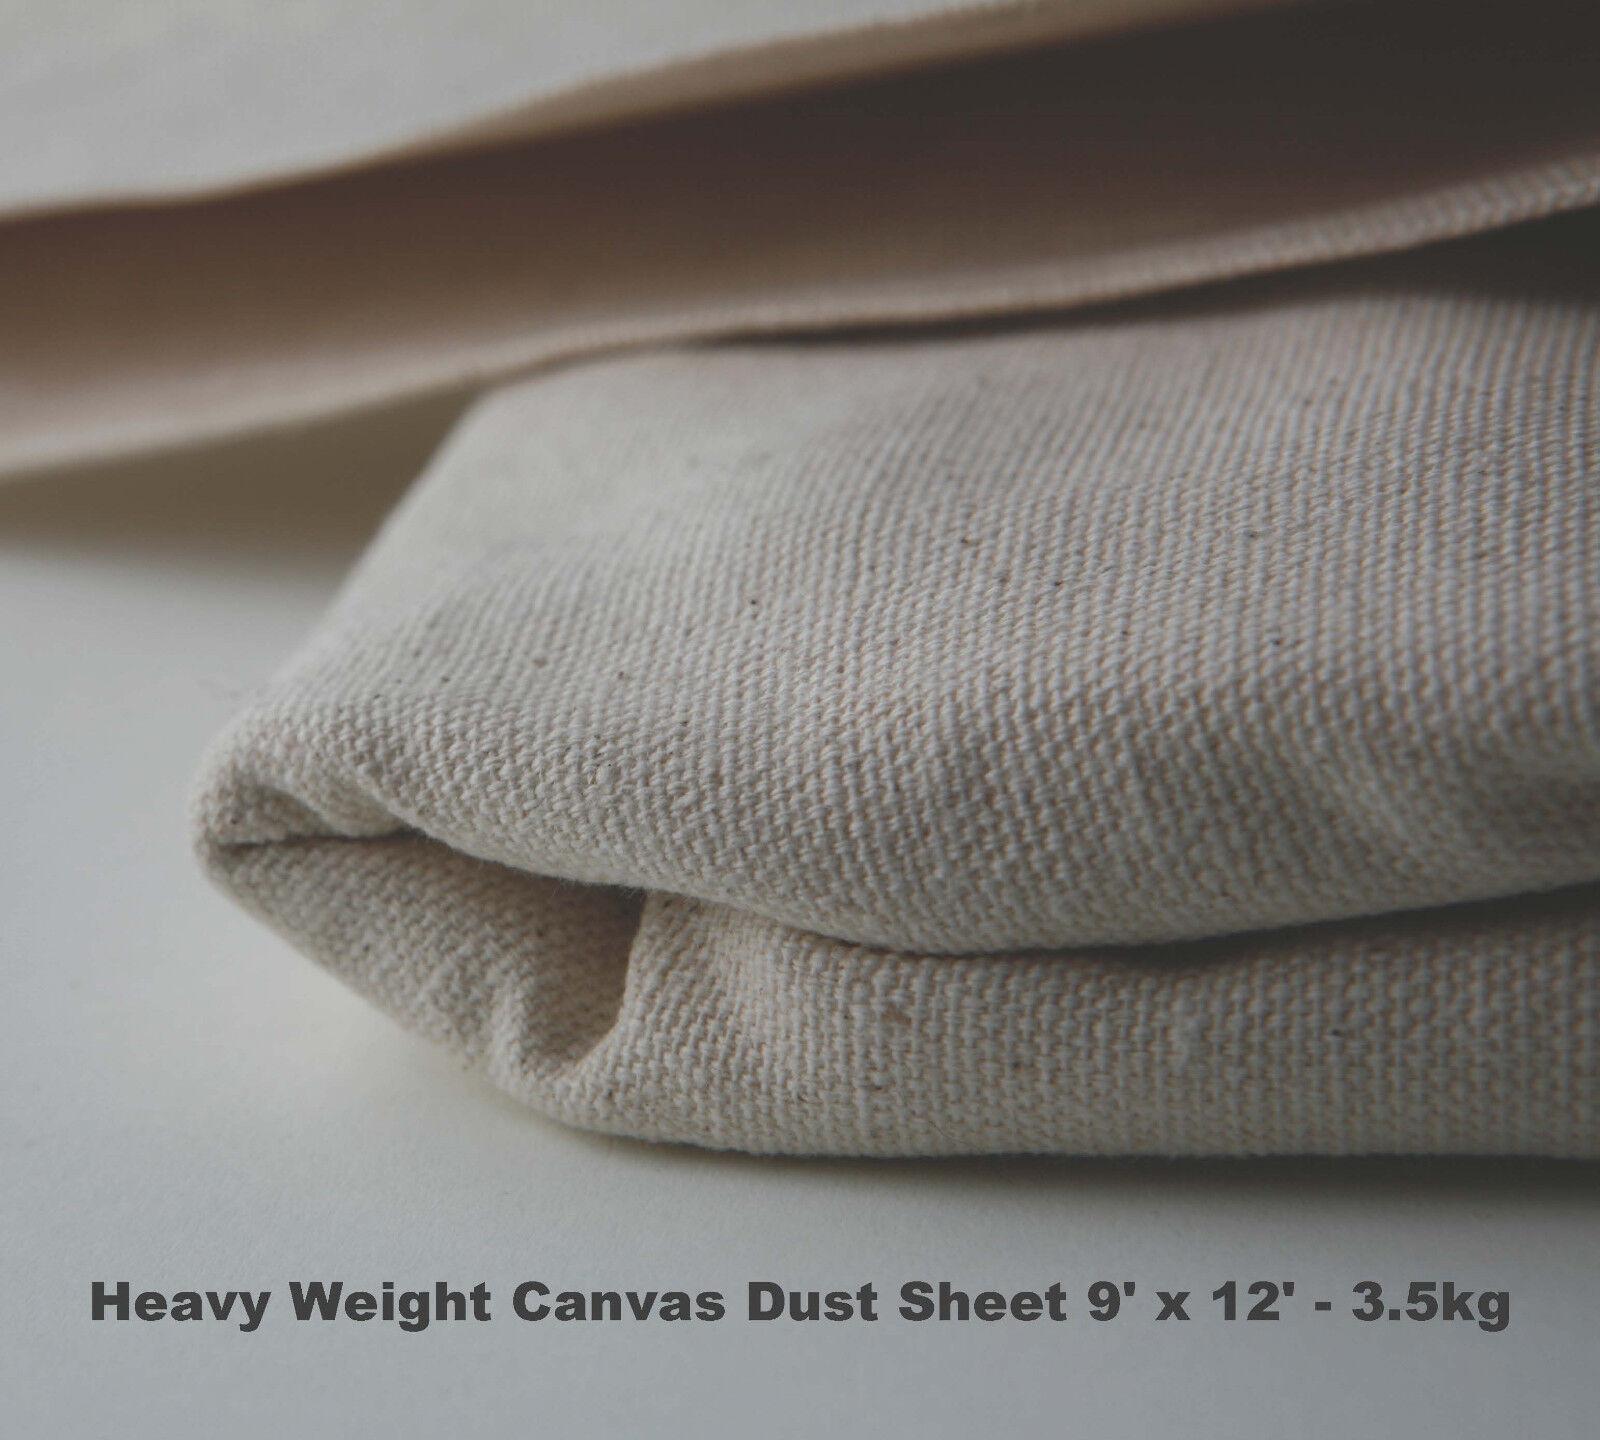 Heavy Duty Professionelle Qualität 2,4 kg, 3,5 kg & Laminiert Staubschutz Cover